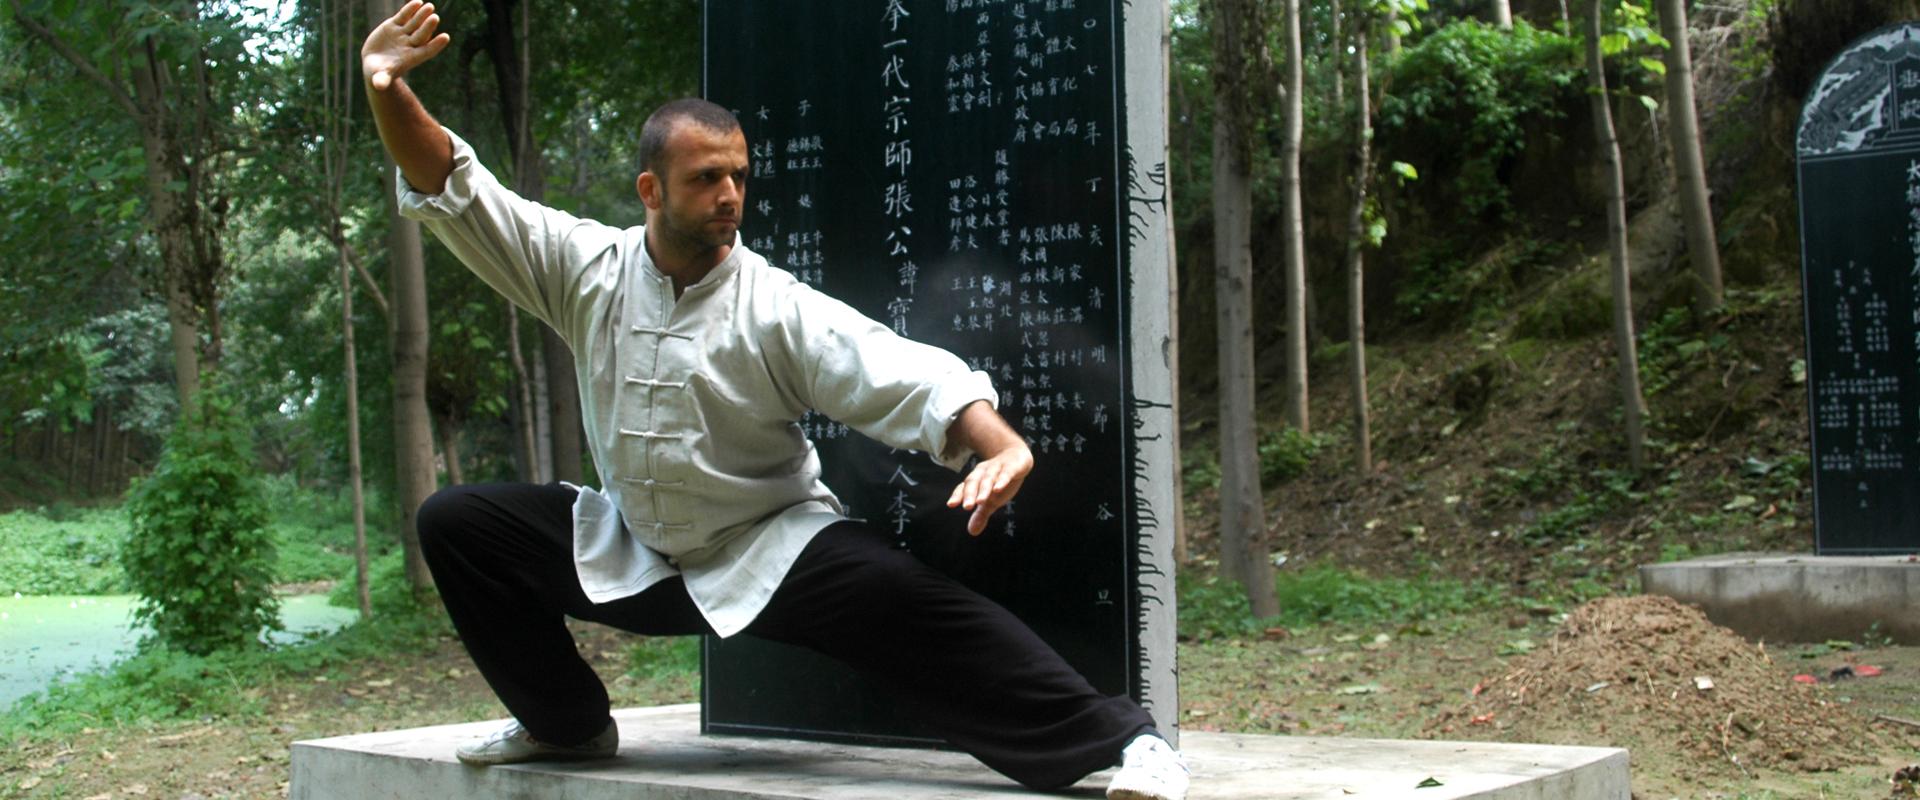 Trener Paweł Antonowicz w legendarnym parku Tai Chi we wiosce Chenjiagou